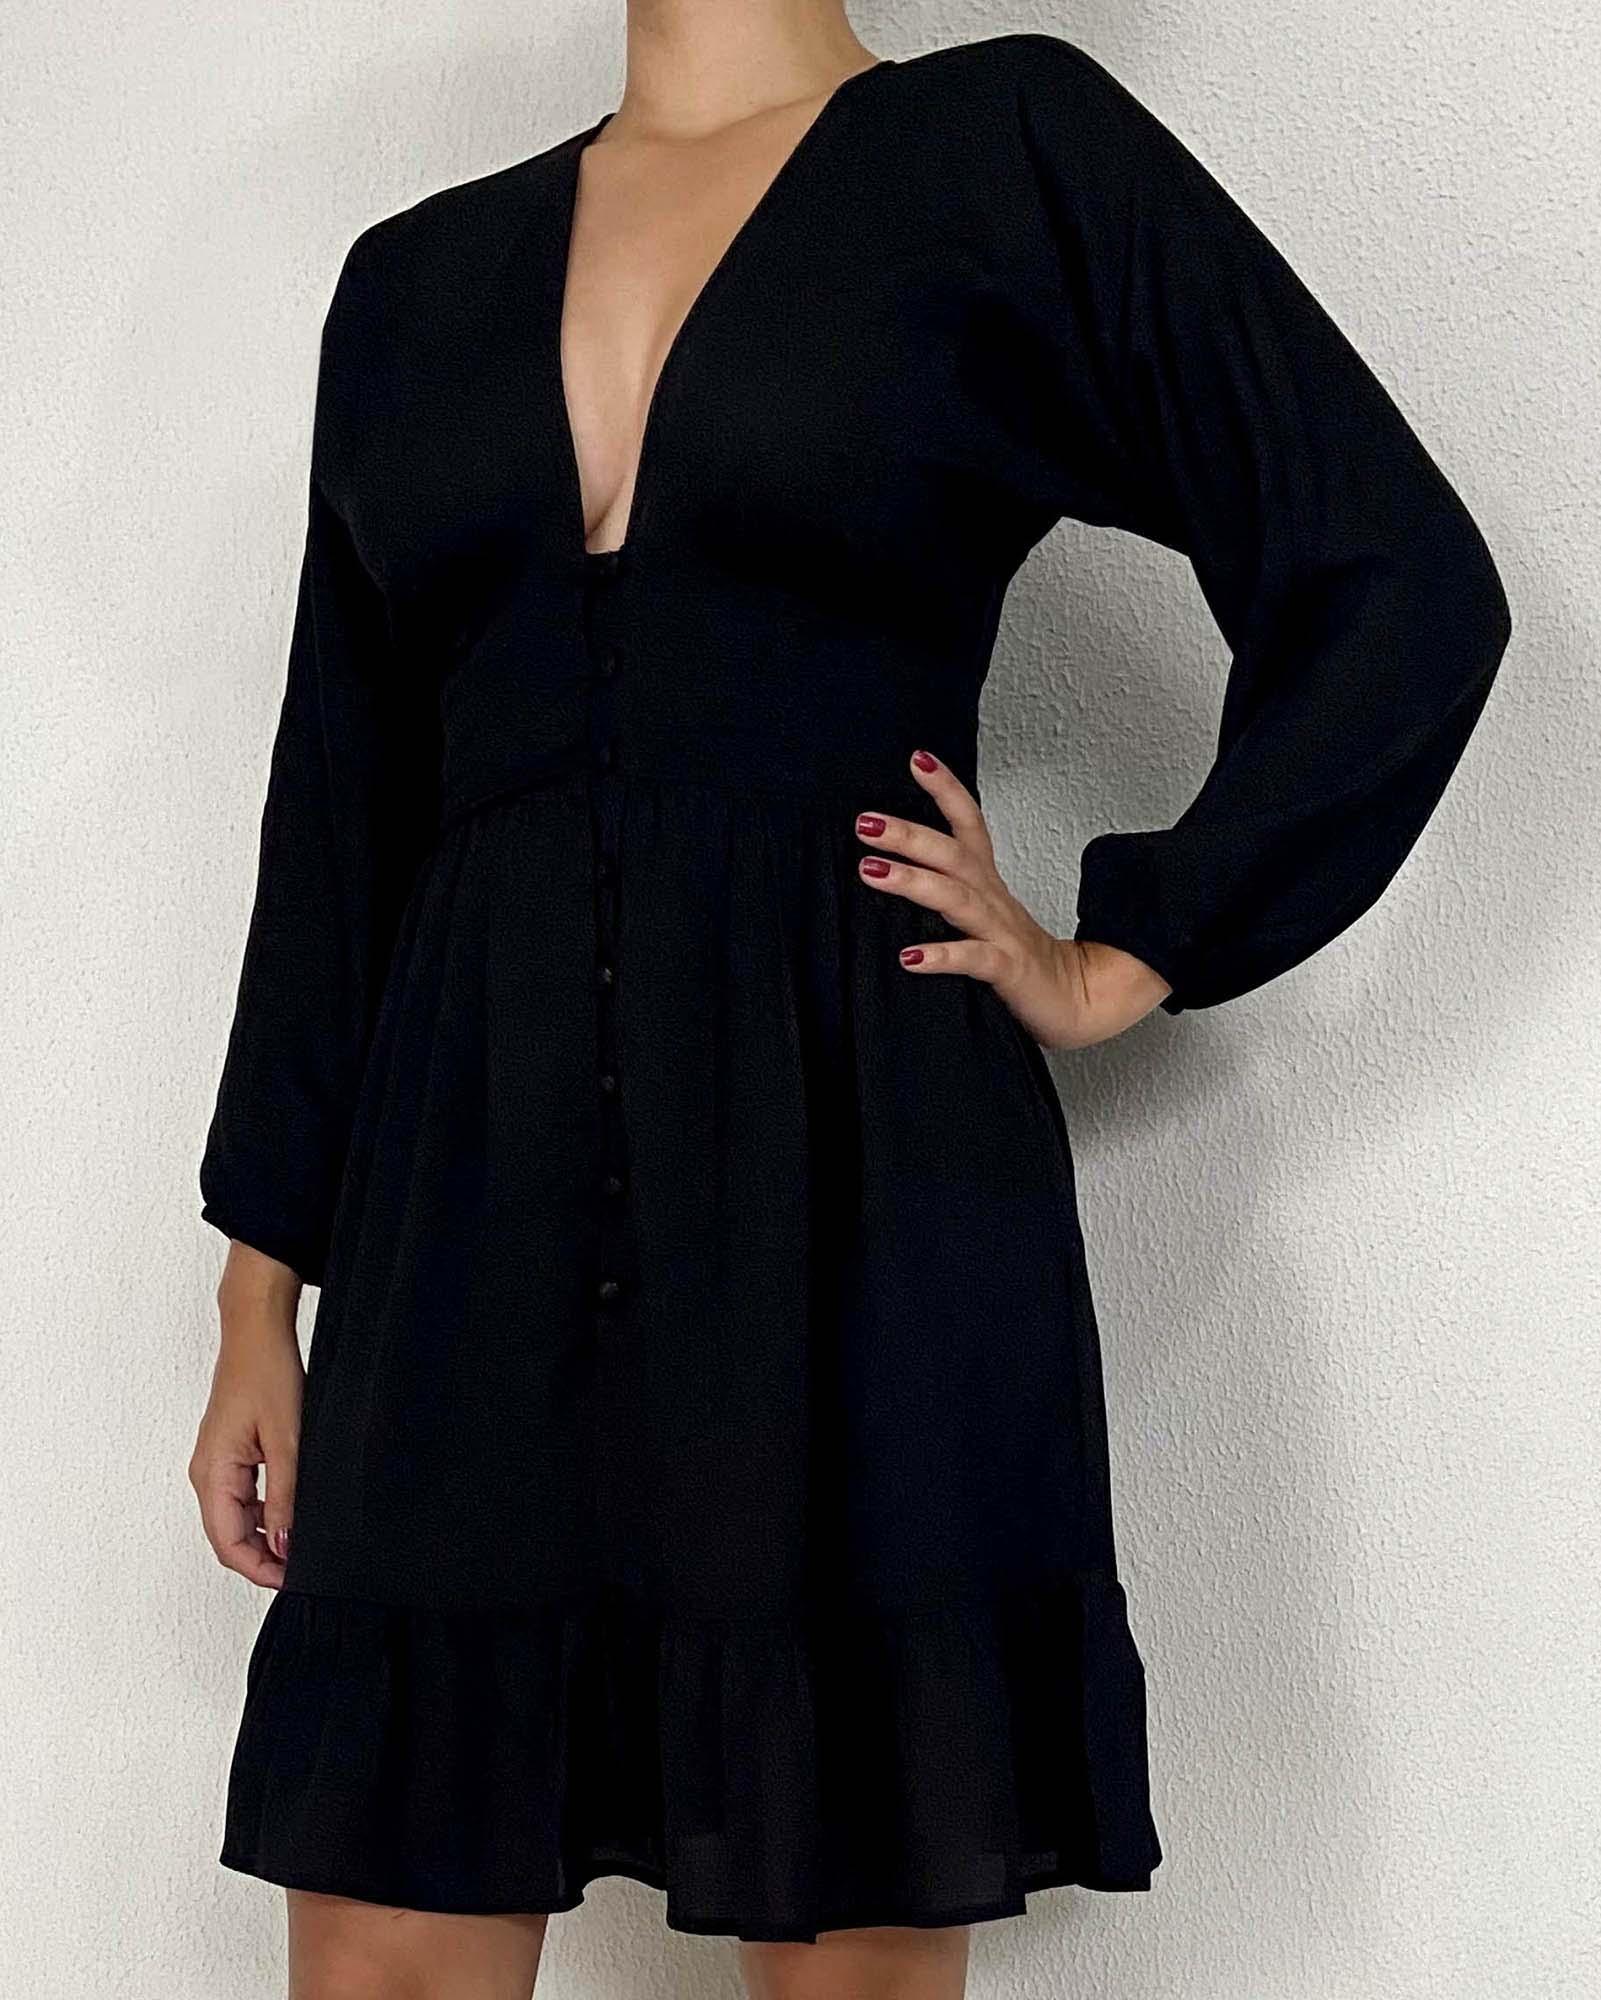 Vestido preto com botões